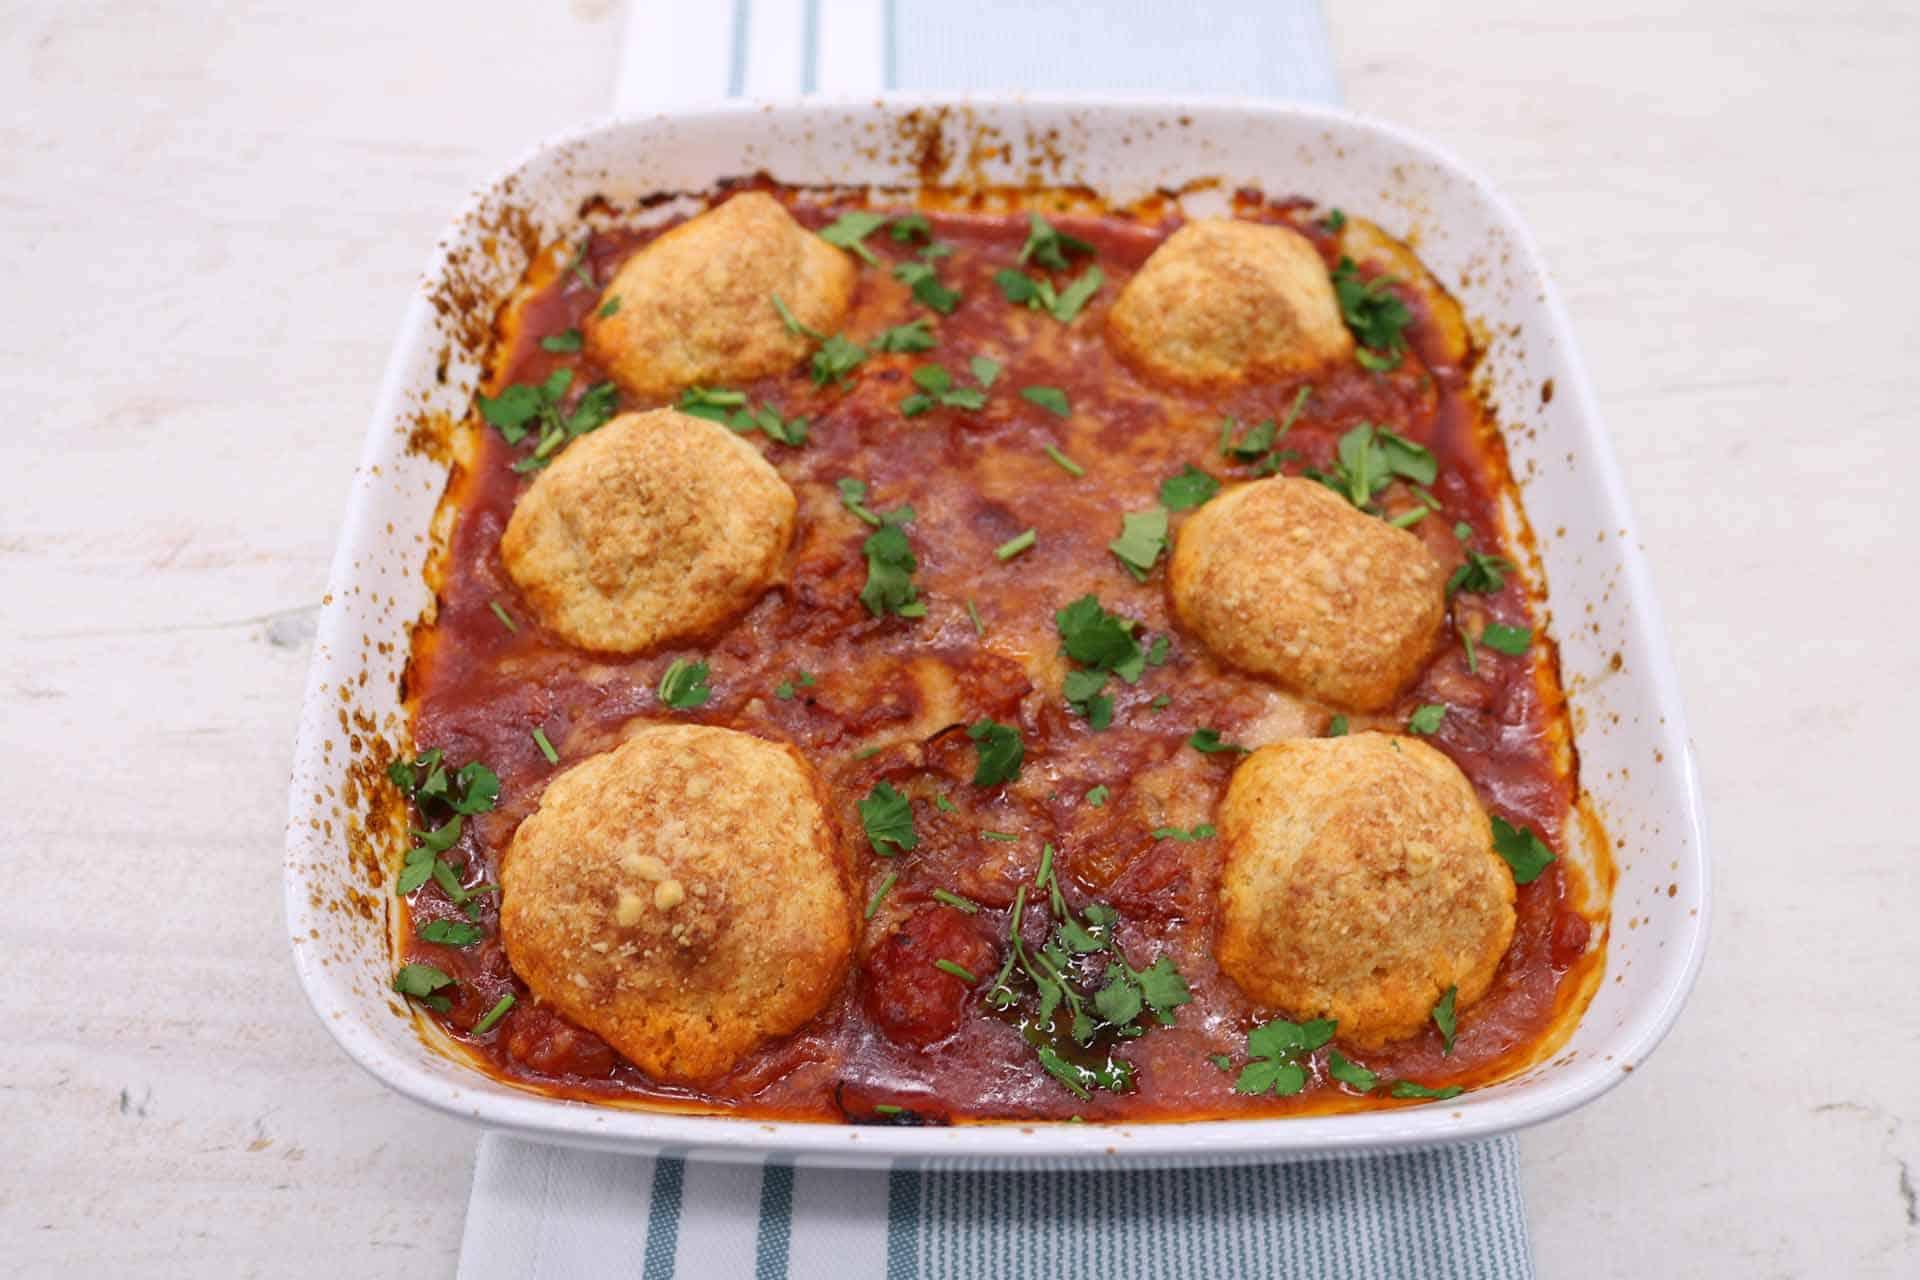 Chicken Arrabbiata Stew and Parmesan Dumplings, Chicken Arrabbiata Stew and Parmesan Dumplings